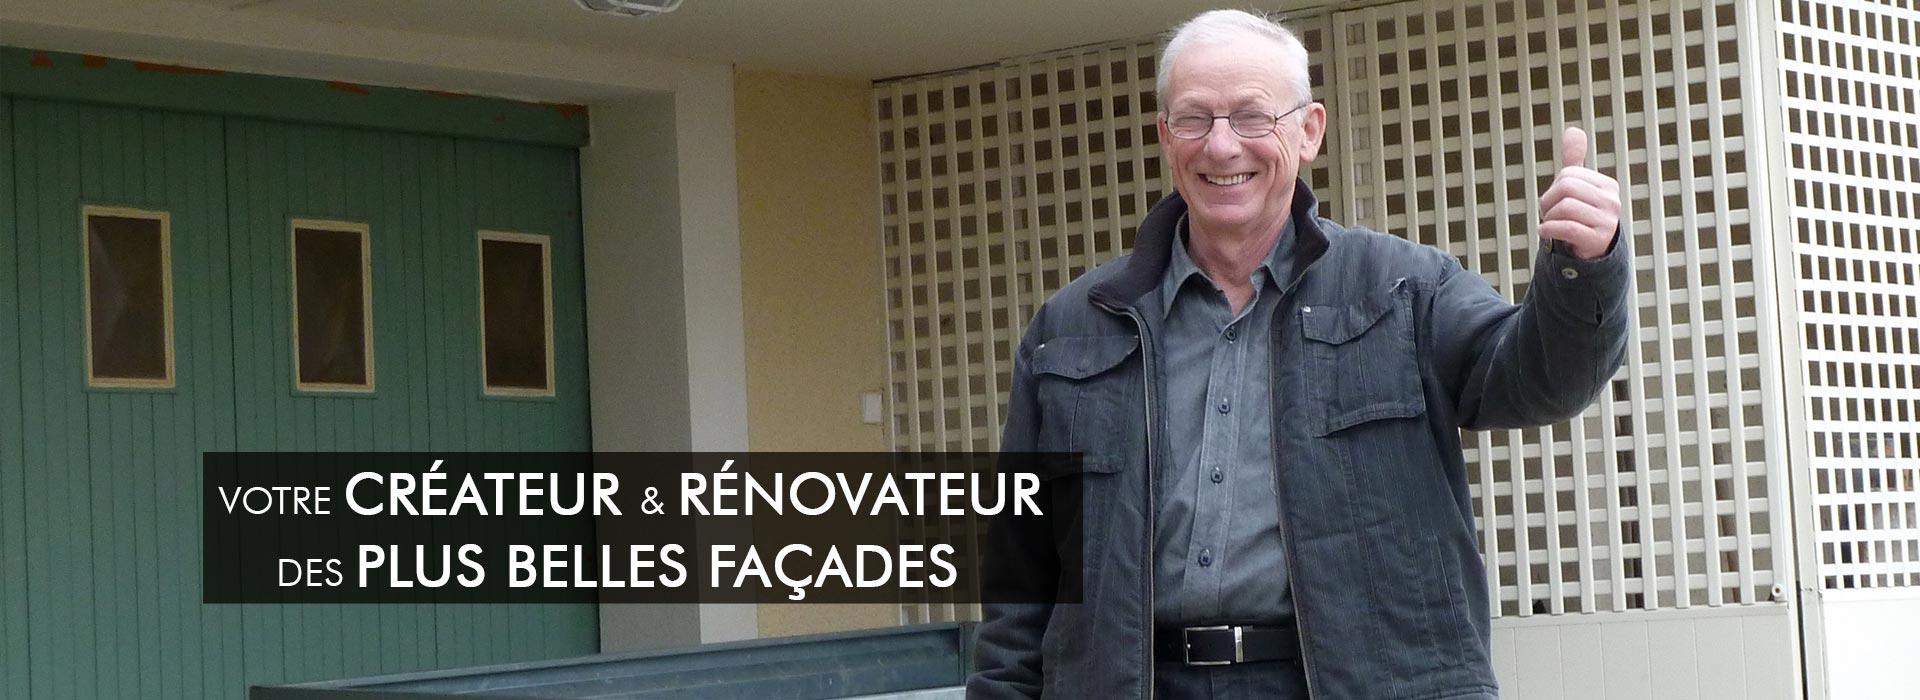 votre créateur et rénovateur des plus belles façades